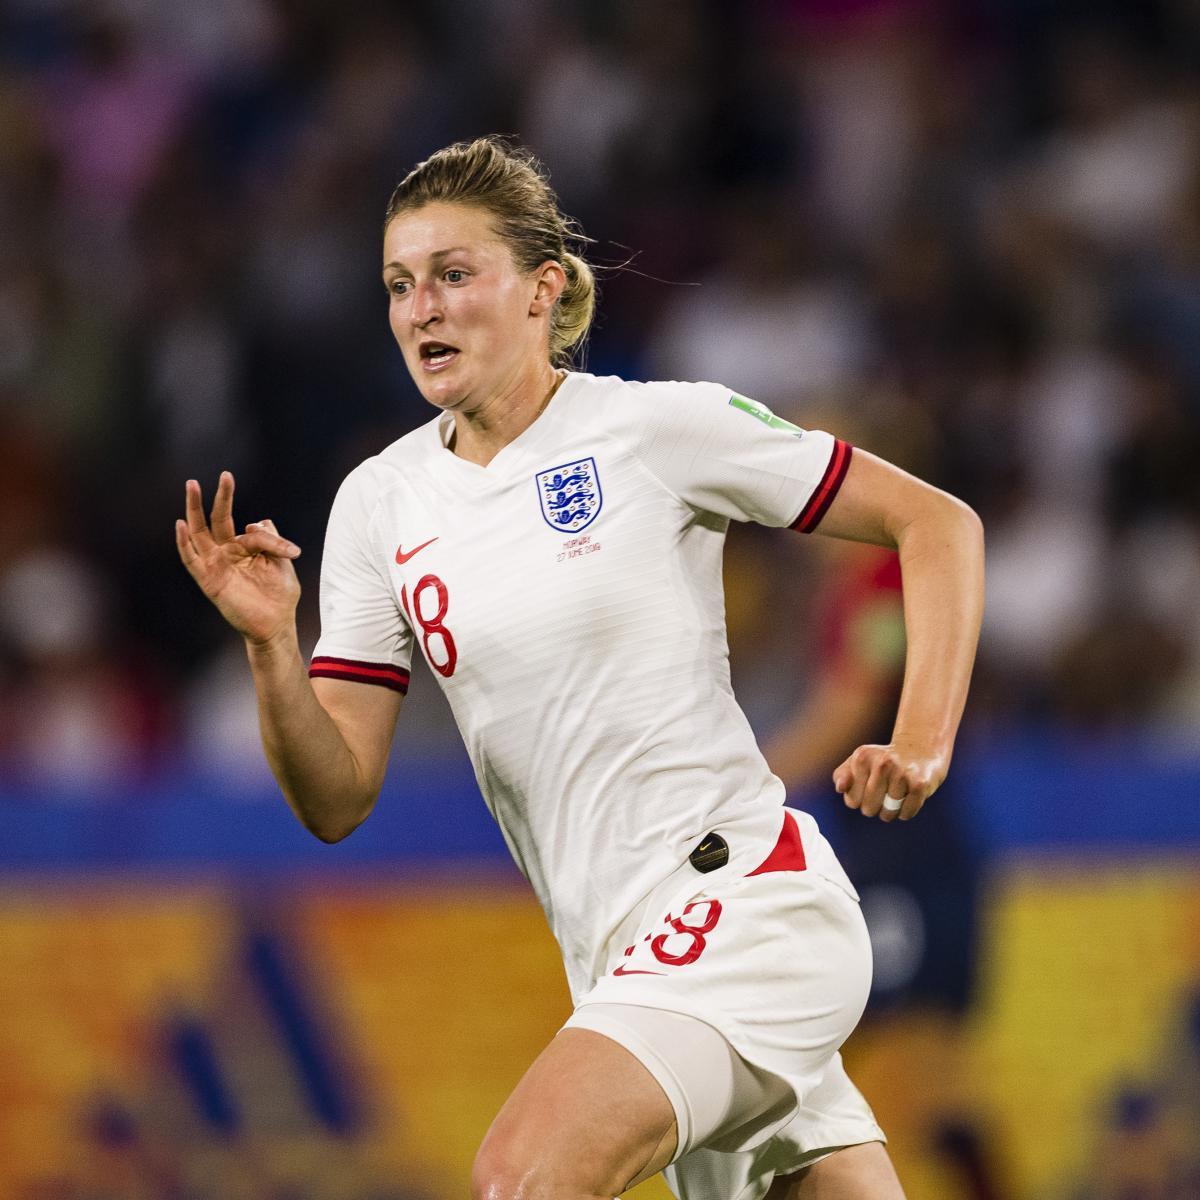 Champions League 2019 Live Stream Odds For Tuesday S: England Vs. USA: Odds, Live Stream, TV Info For Women's